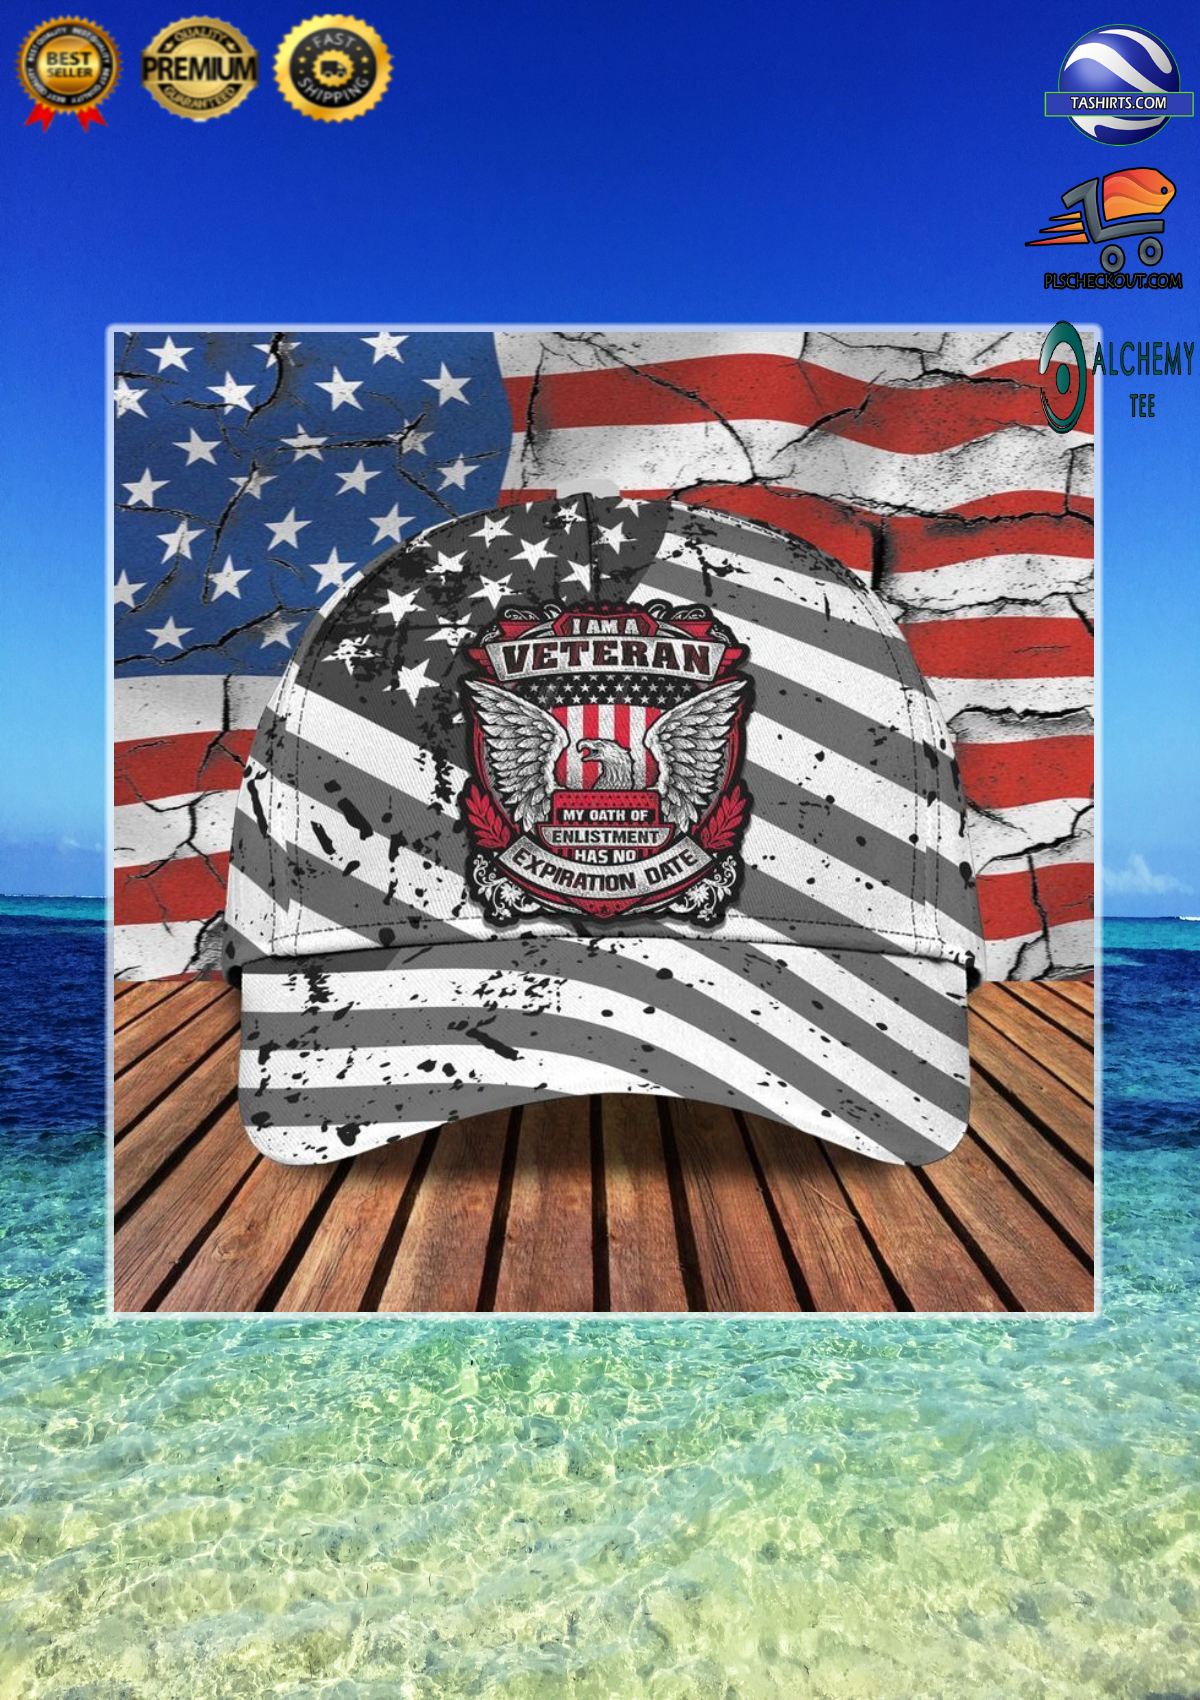 I am a veteran my oath of enlistment has no expiration date classic cap